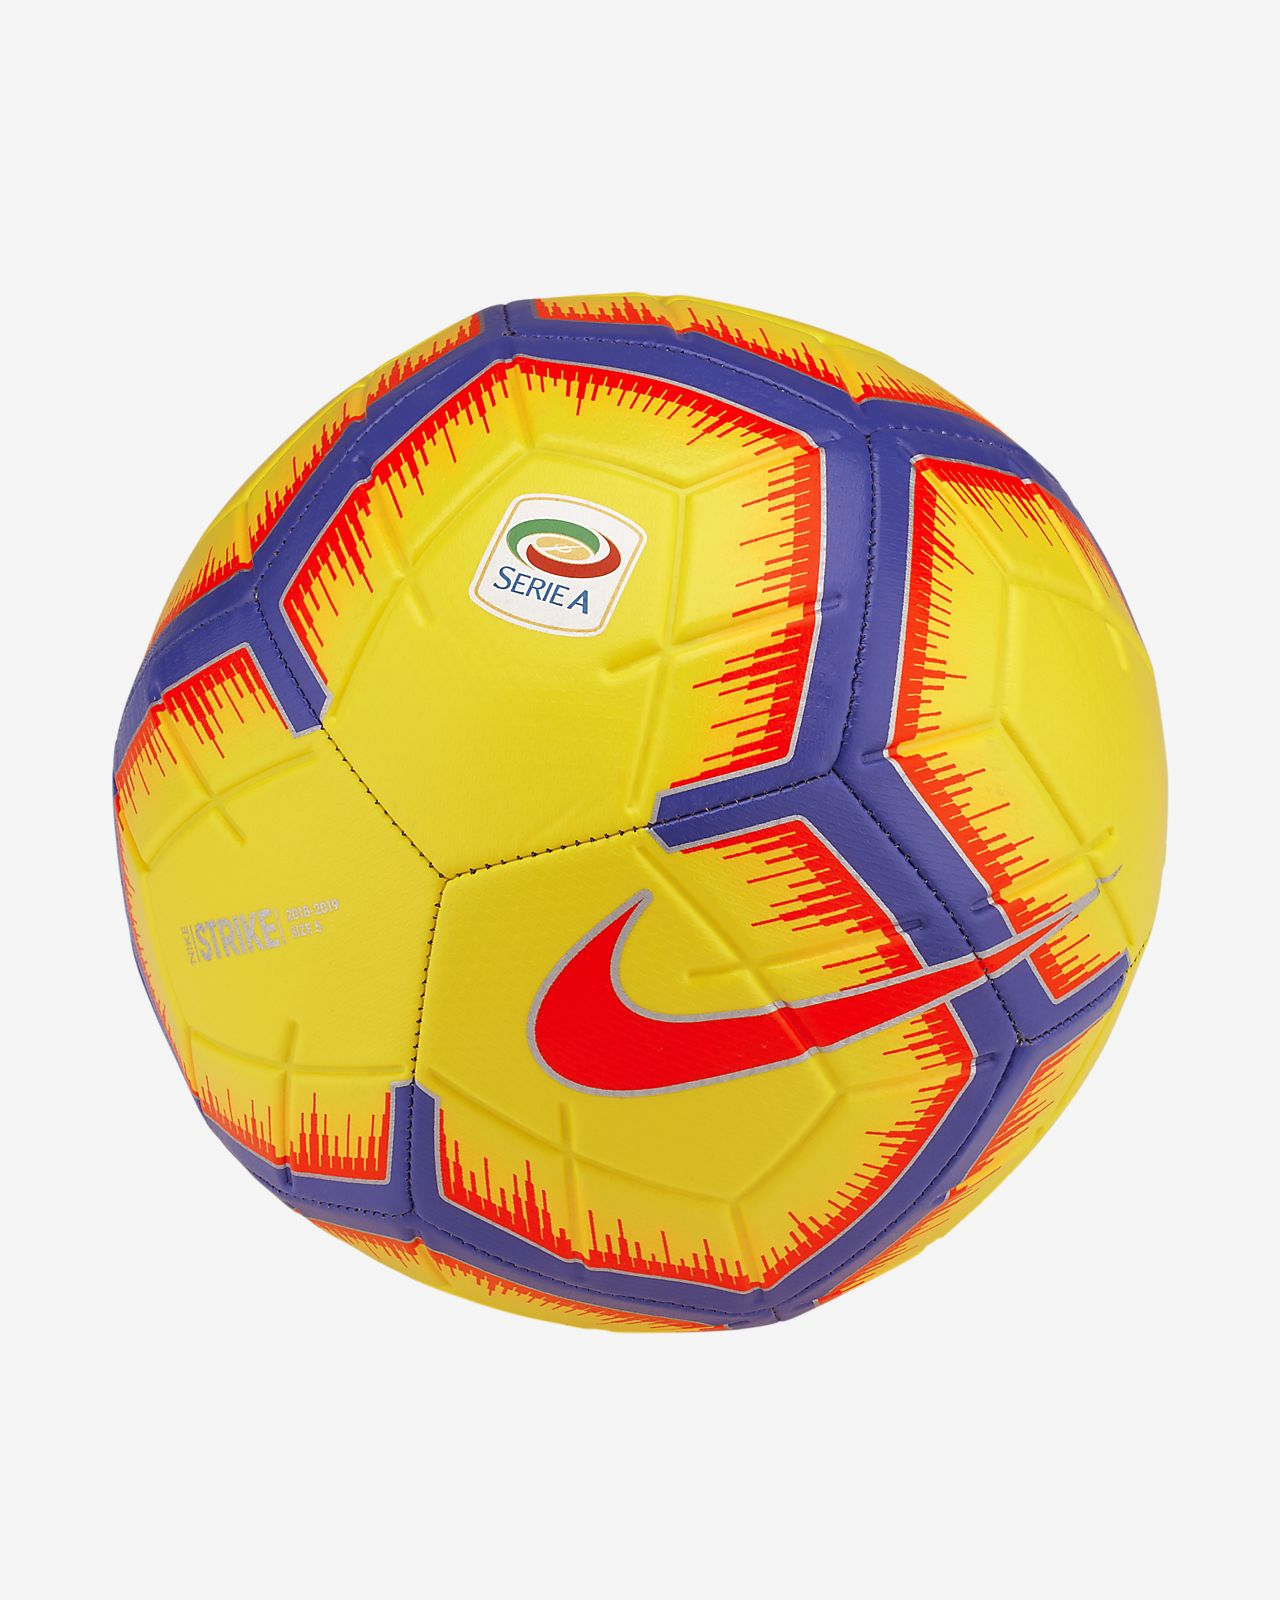 Ballon de football Serie A Strike